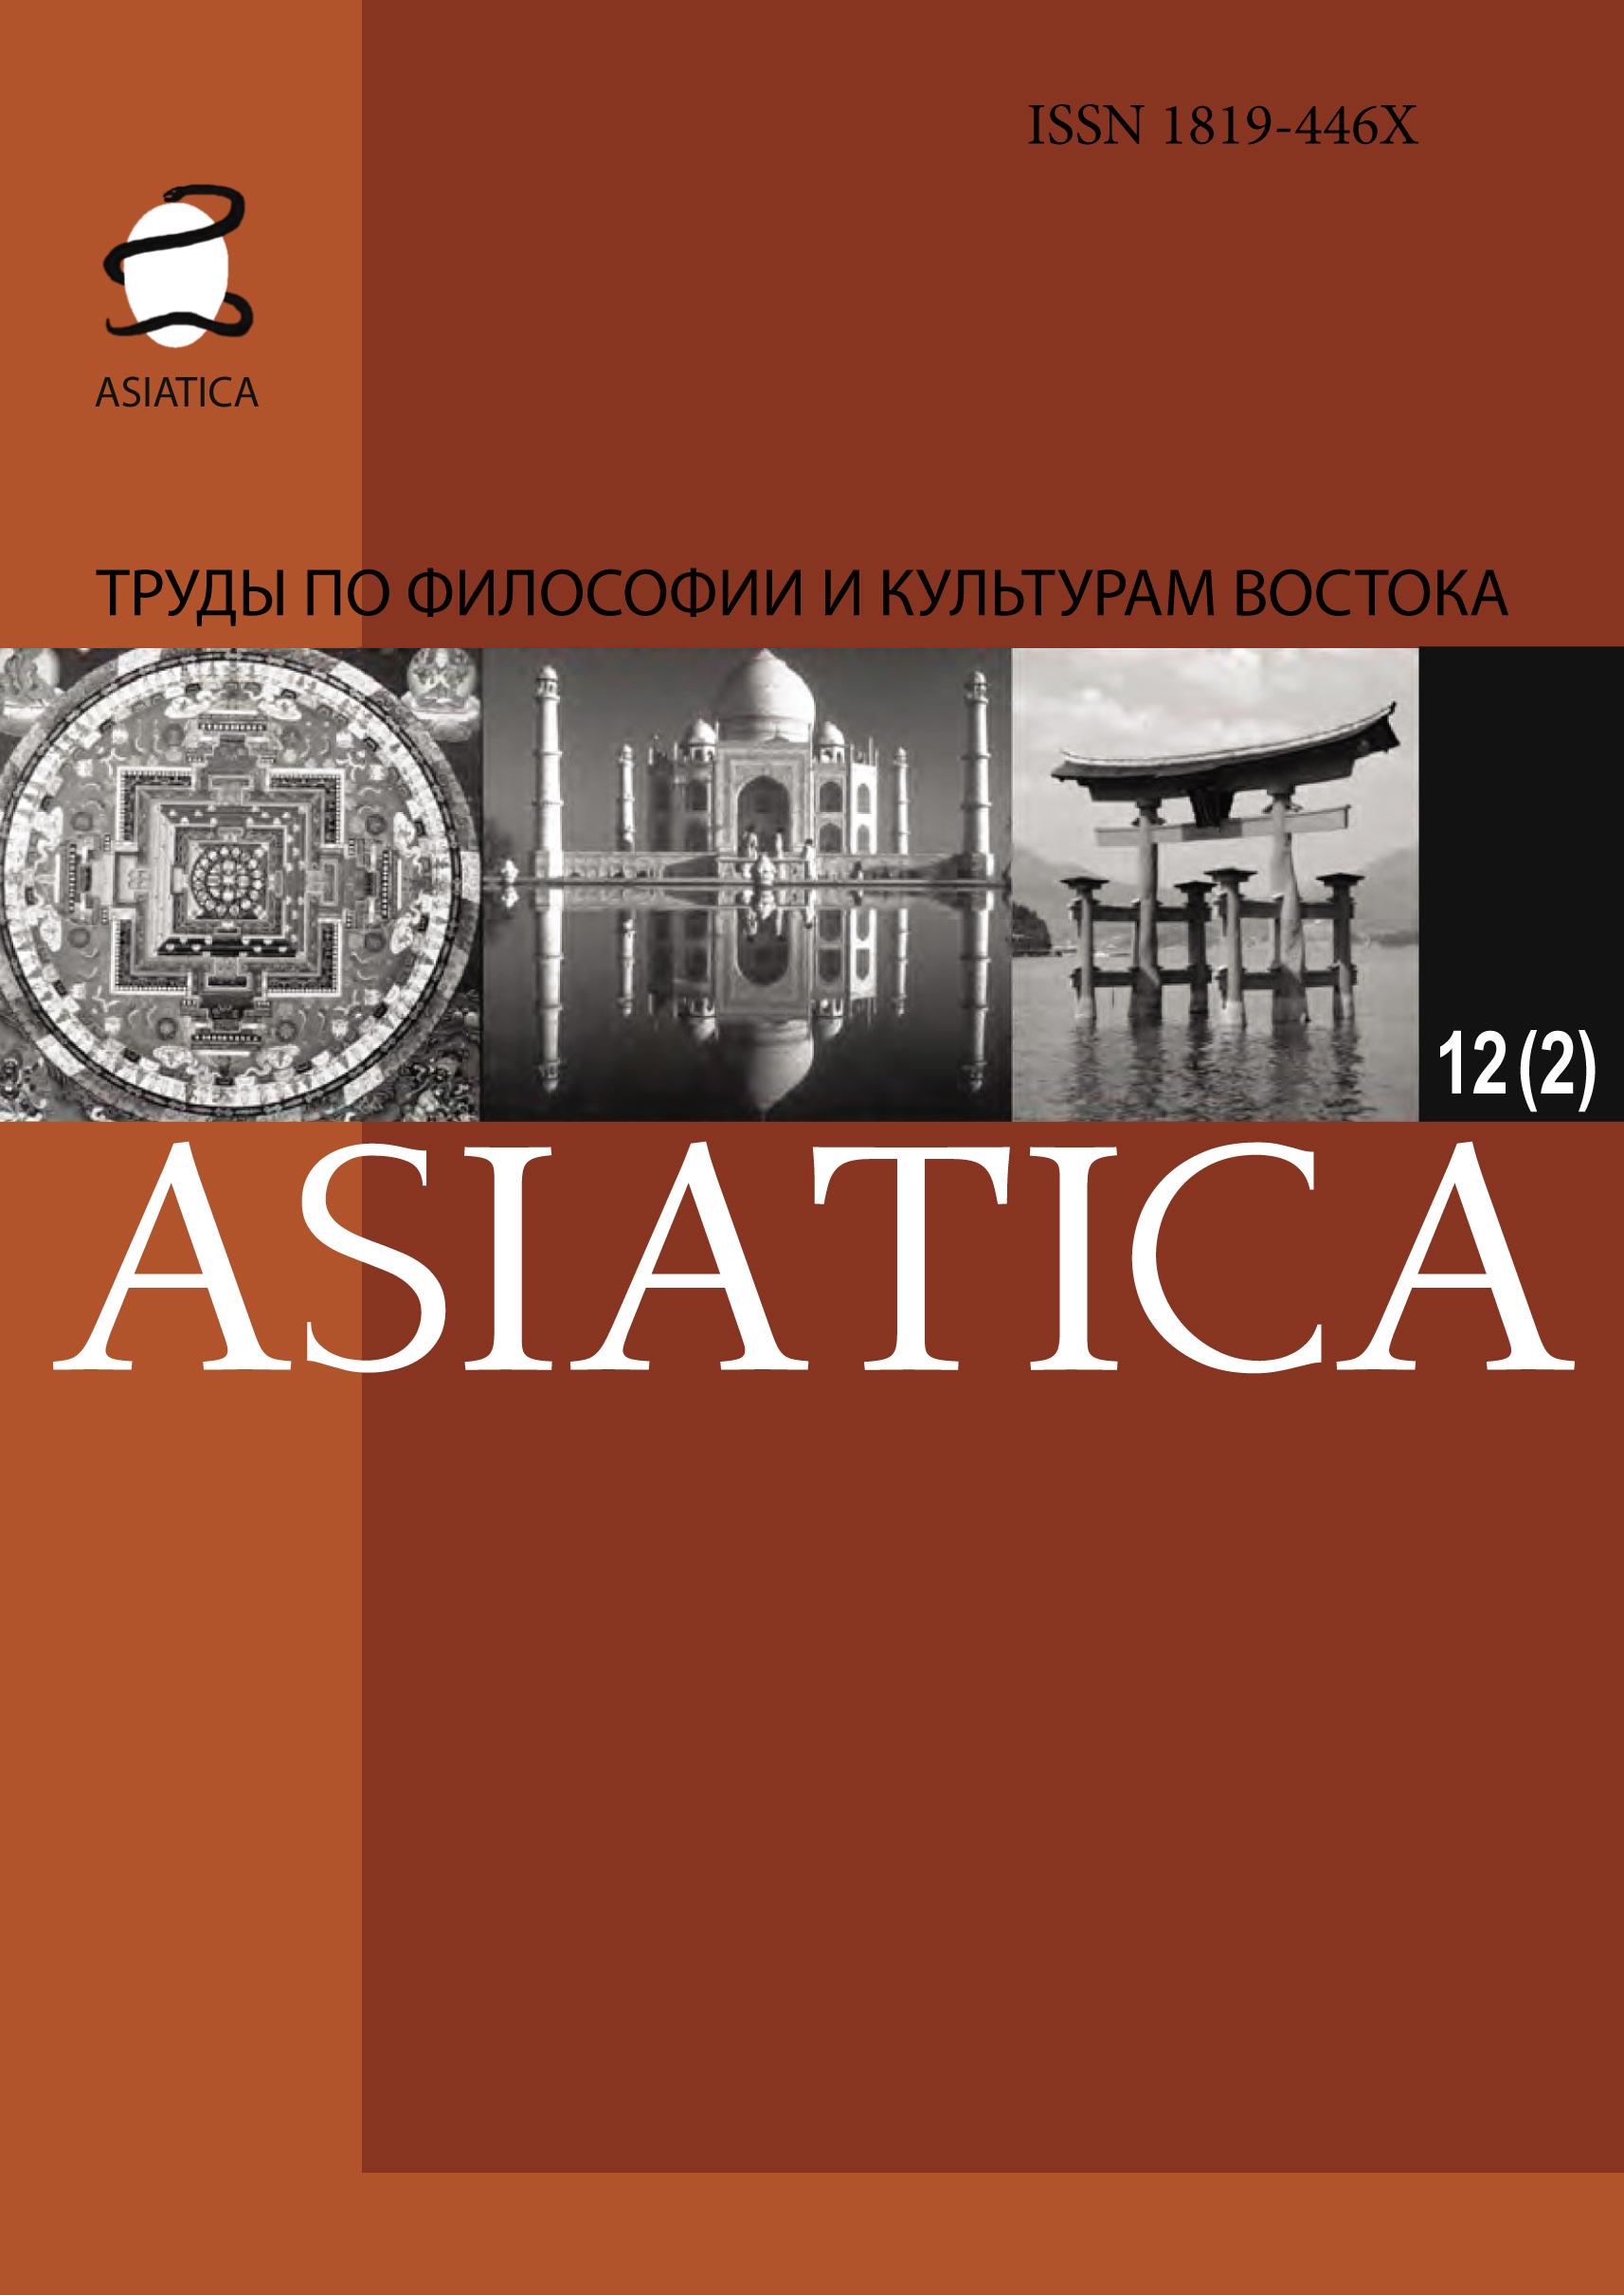 ASIATICA. Труды по философии и культурам Востока. Выпуск 12(2)